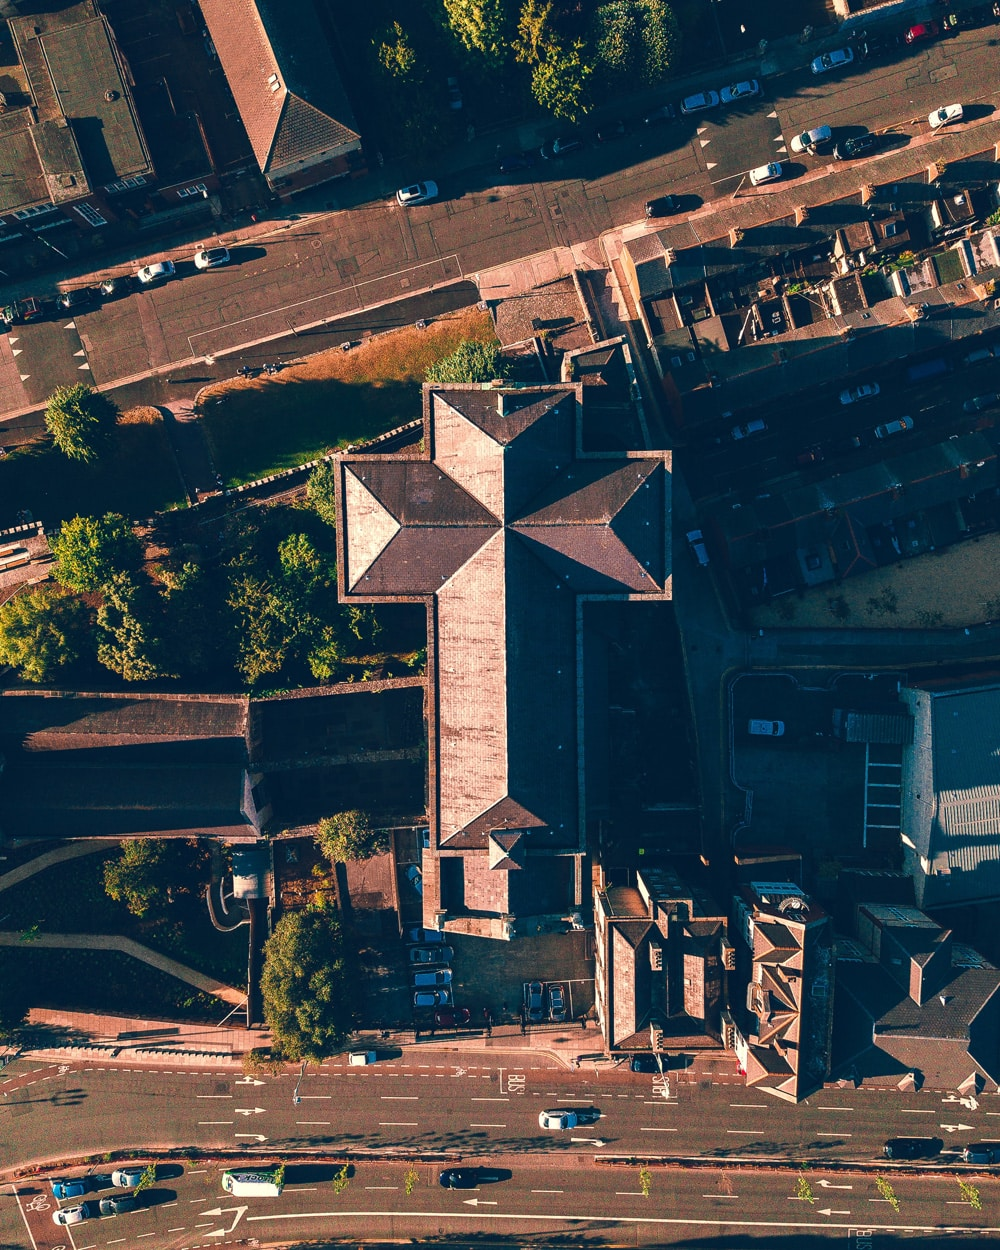 Mal eine andere Perspektive - St. Audoens von oben, Foto: Lucas Miguel / Unsplash